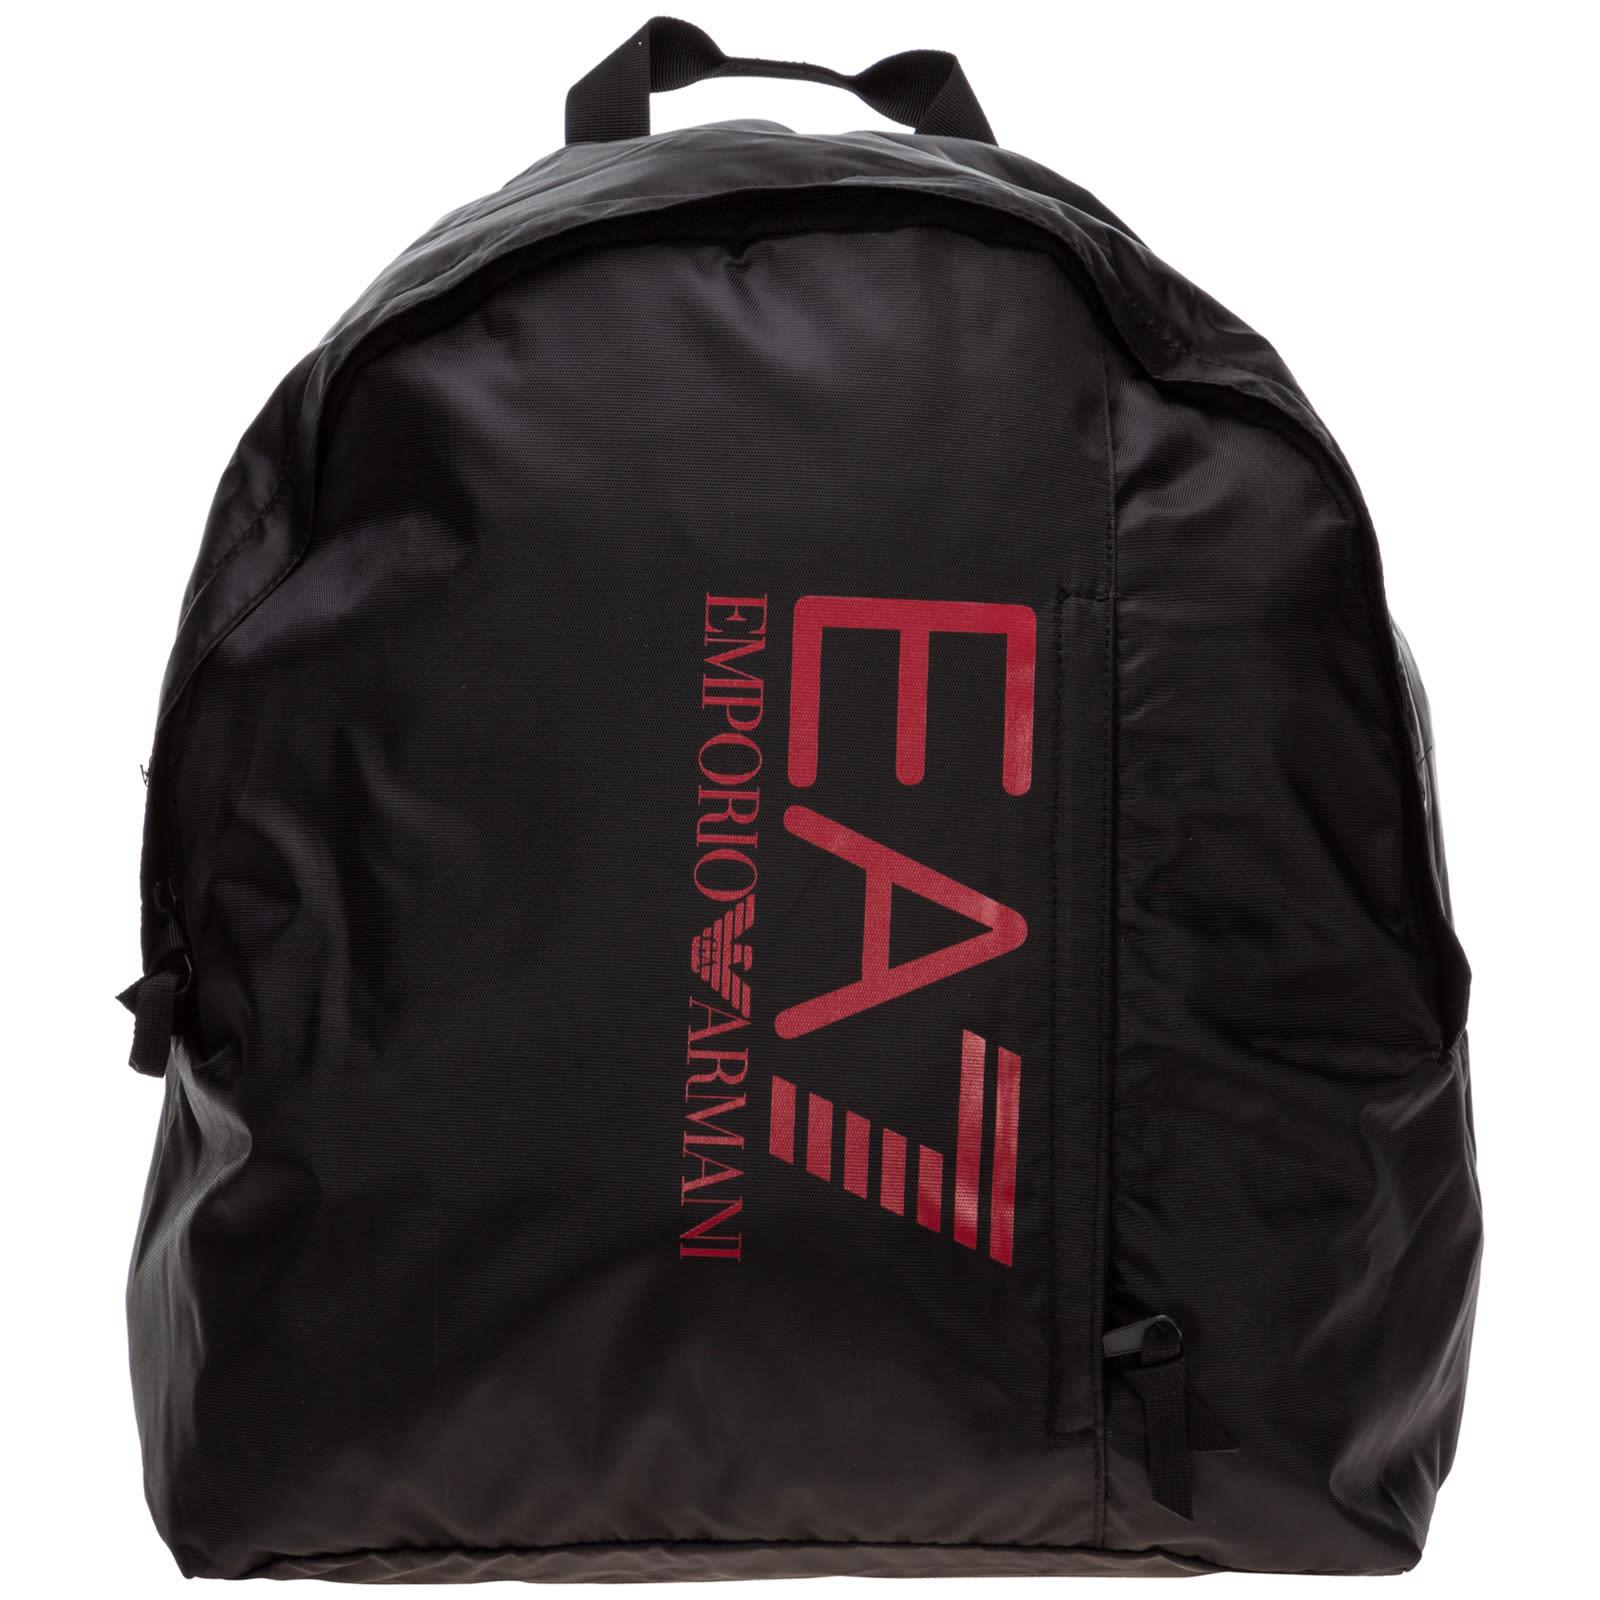 H222 Backpack